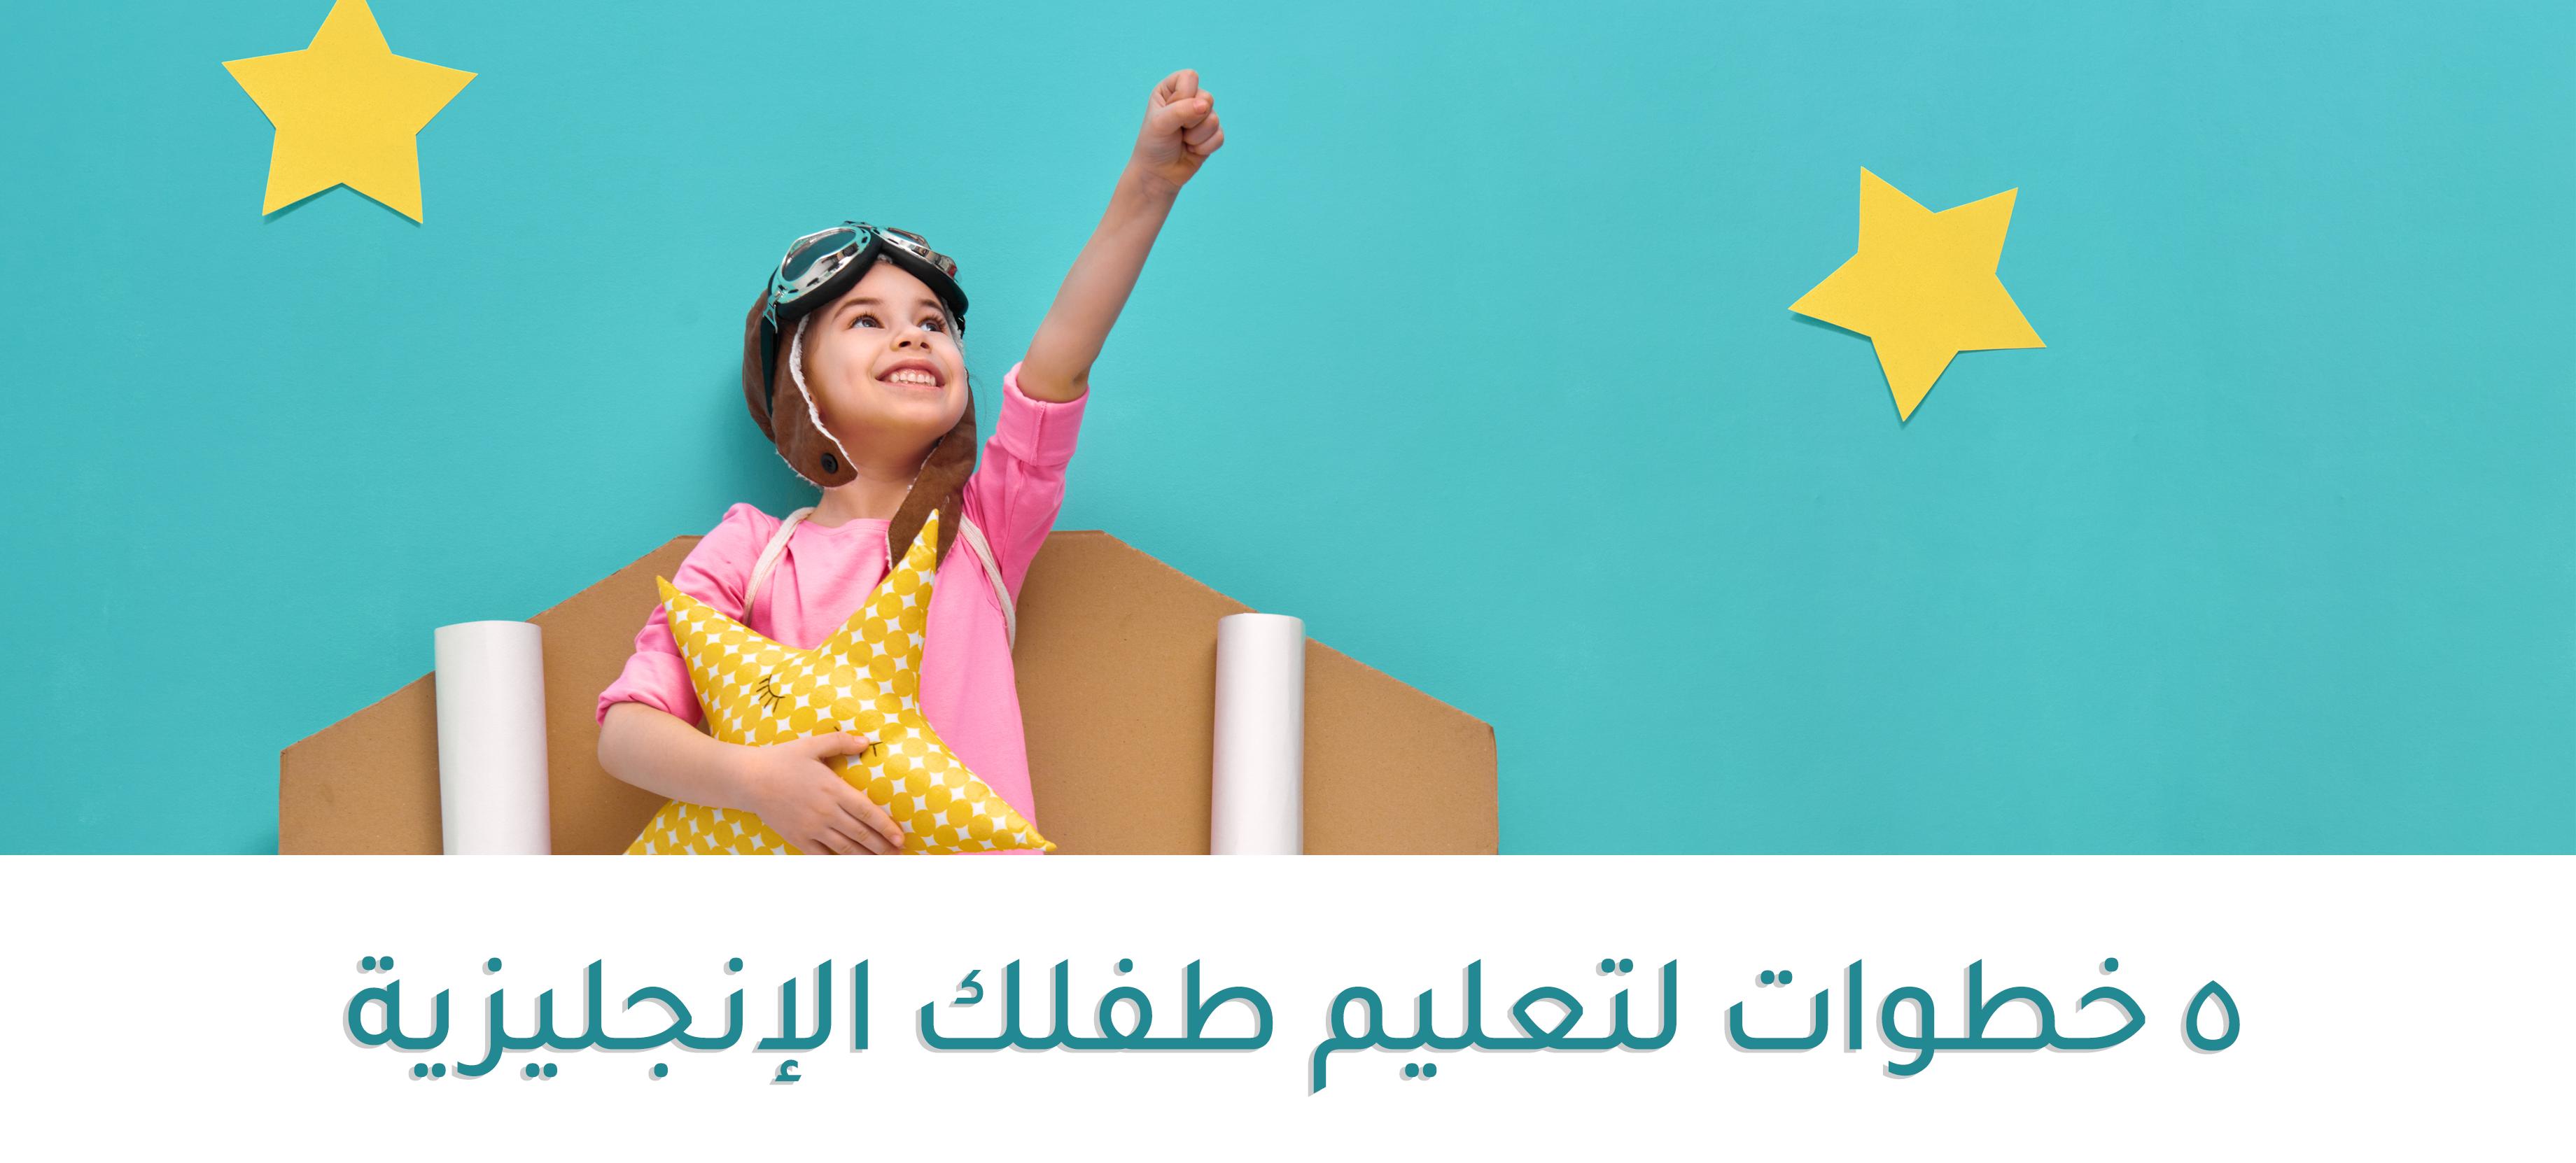 خمسة خطوات لتعليم طفلك اللغة الإنجليزية !   مدونة كامبلي العربية   Cambly  Arabic Blog